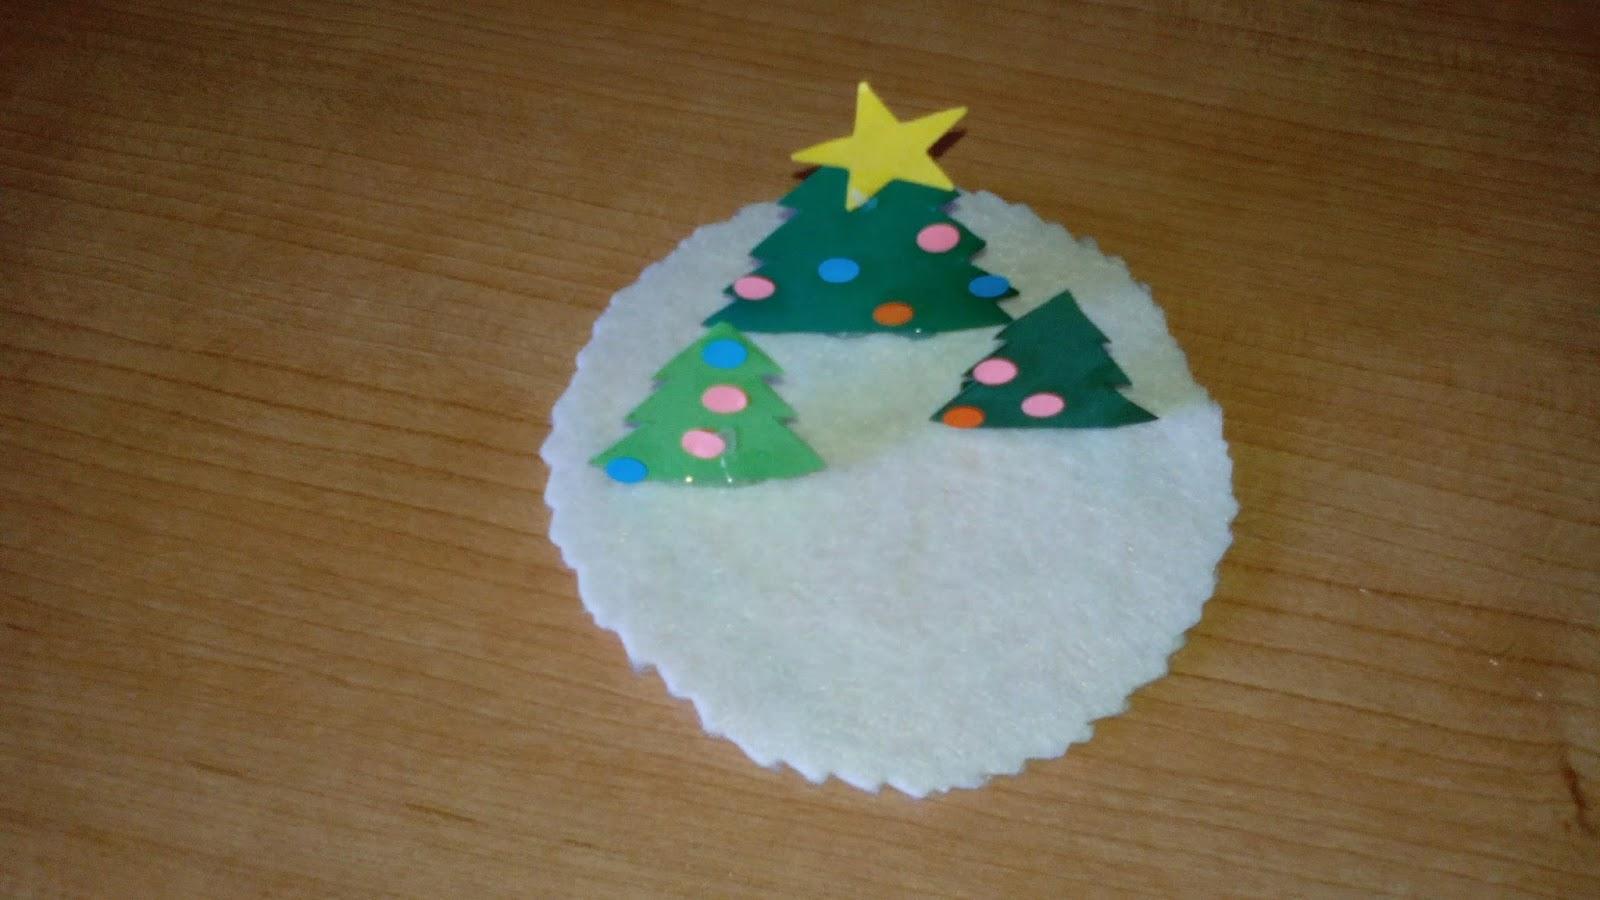 Manualidades yolohago bola de nieve de navidad - Manualidades con bolas de navidad ...